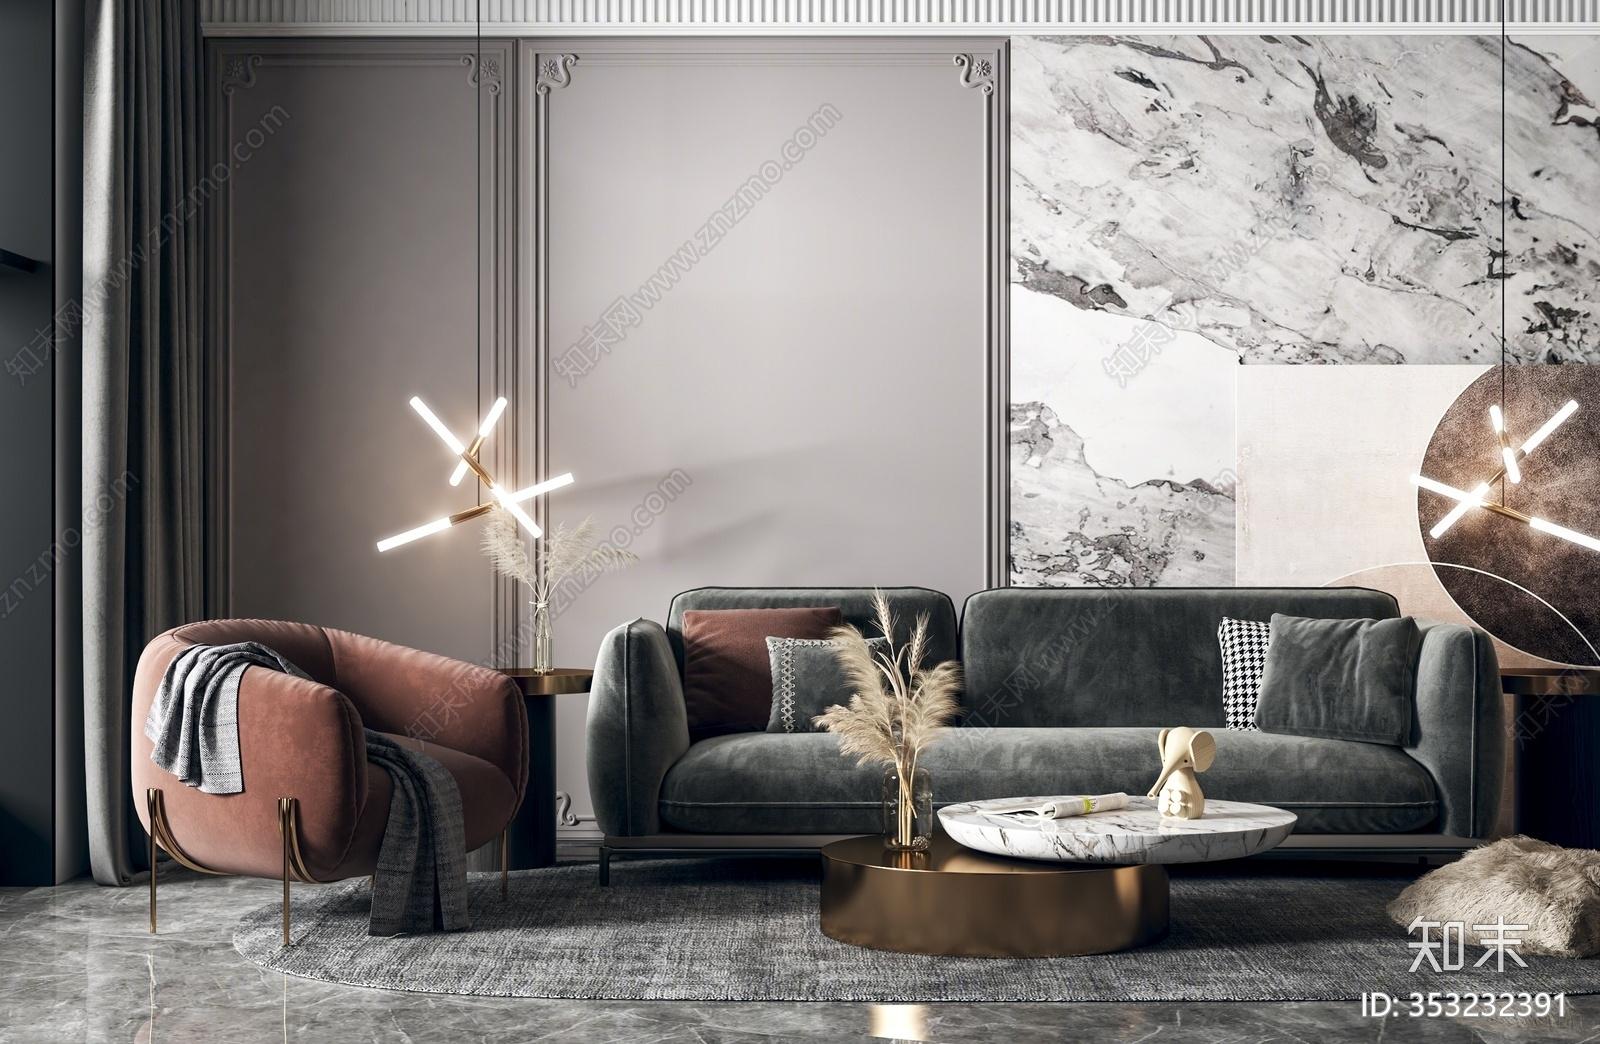 现代轻奢沙发茶几组合 多人沙发 单人沙发 茶几 吊灯